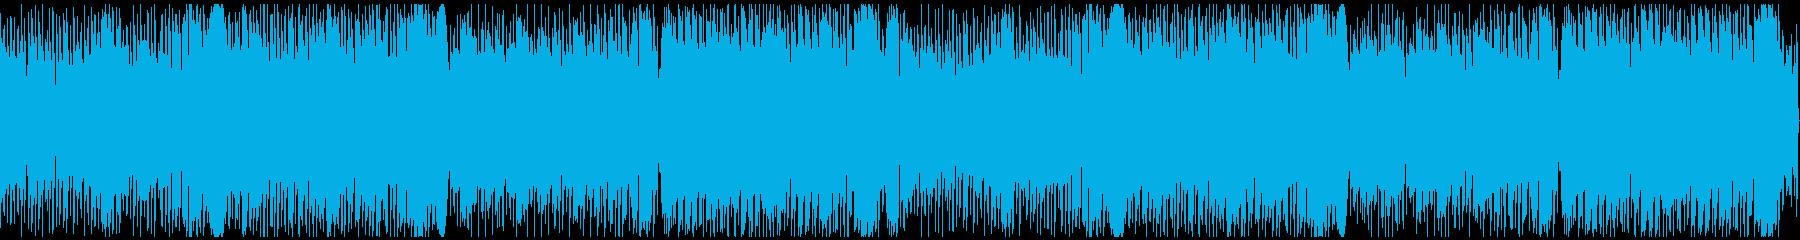 軽快で物悲しいチルウェイブの再生済みの波形